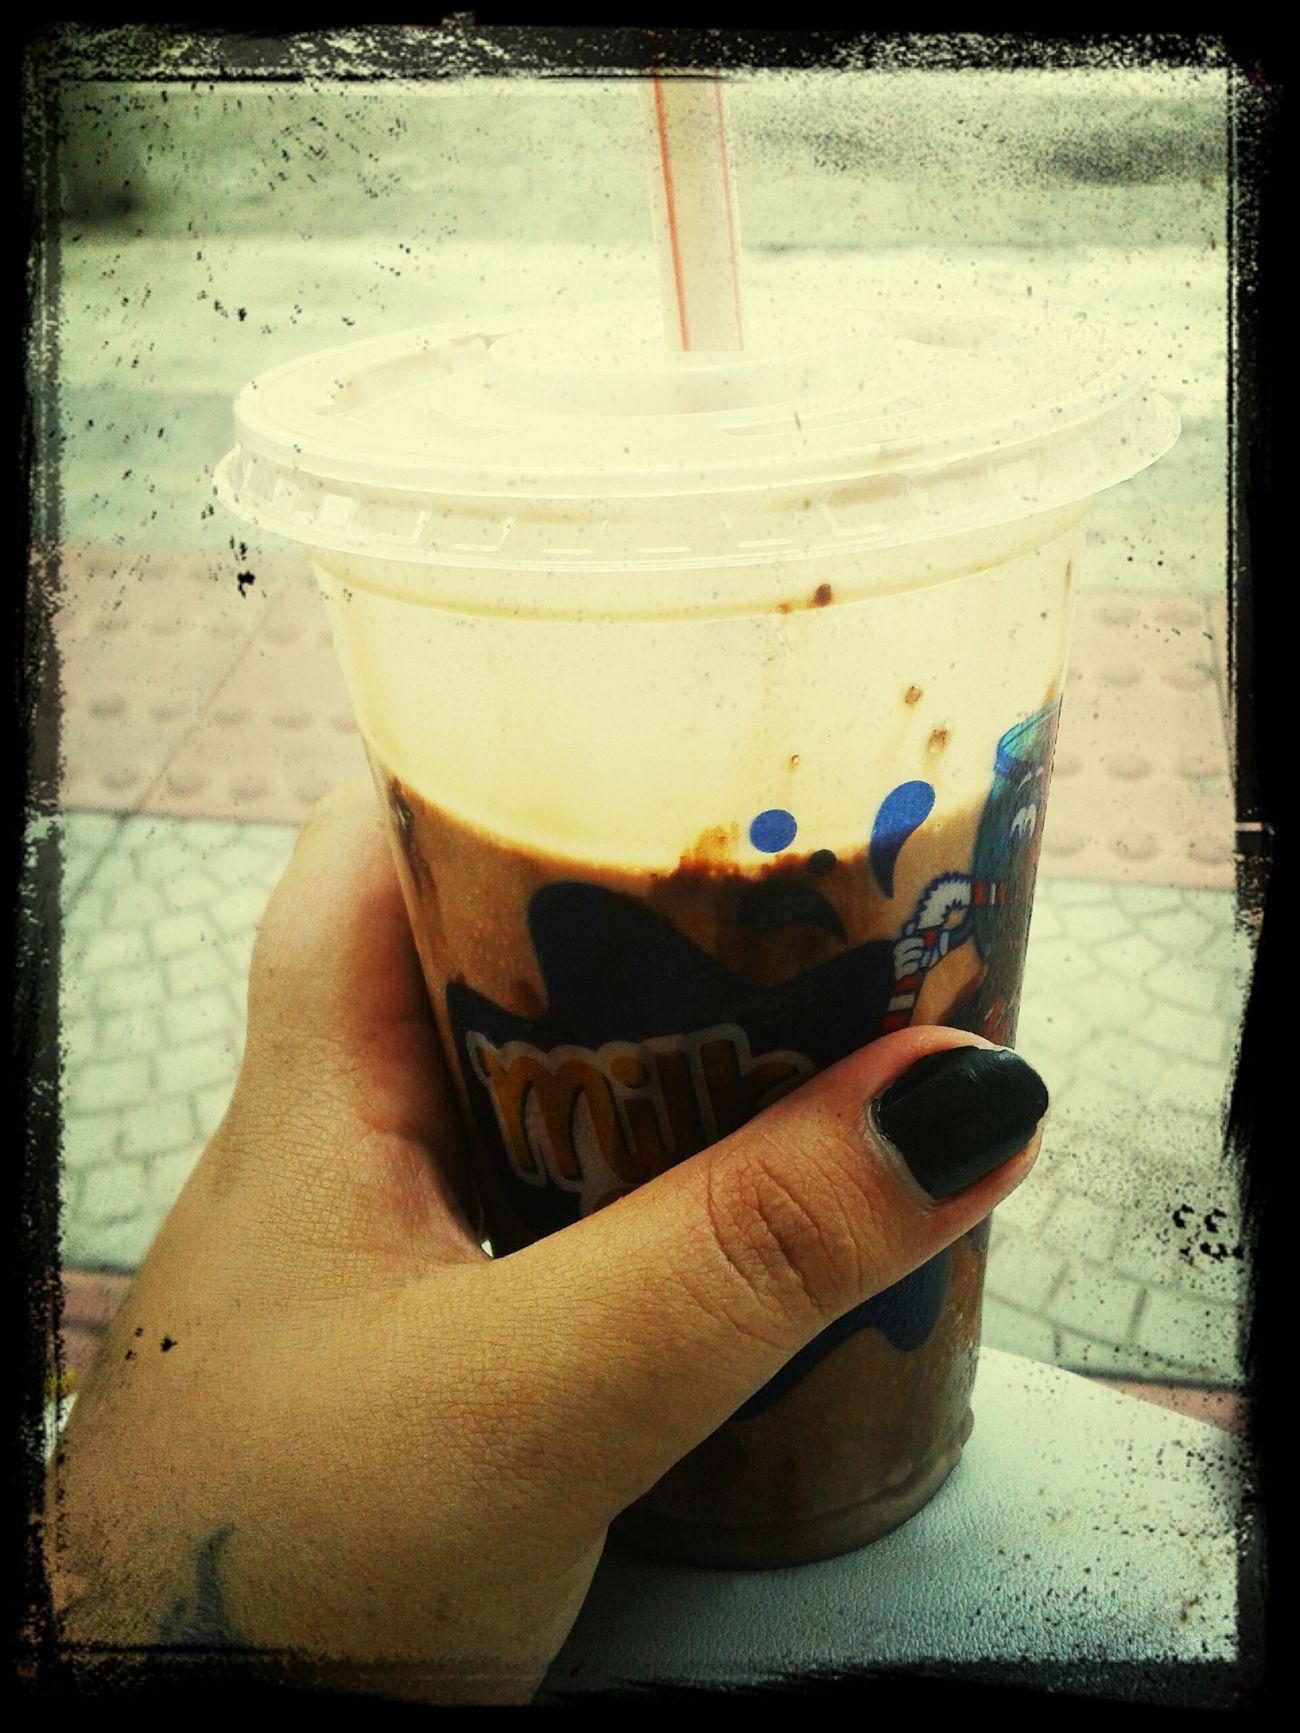 Saindo da academia, o calor pede... Milkshake♥ Delicious ♡